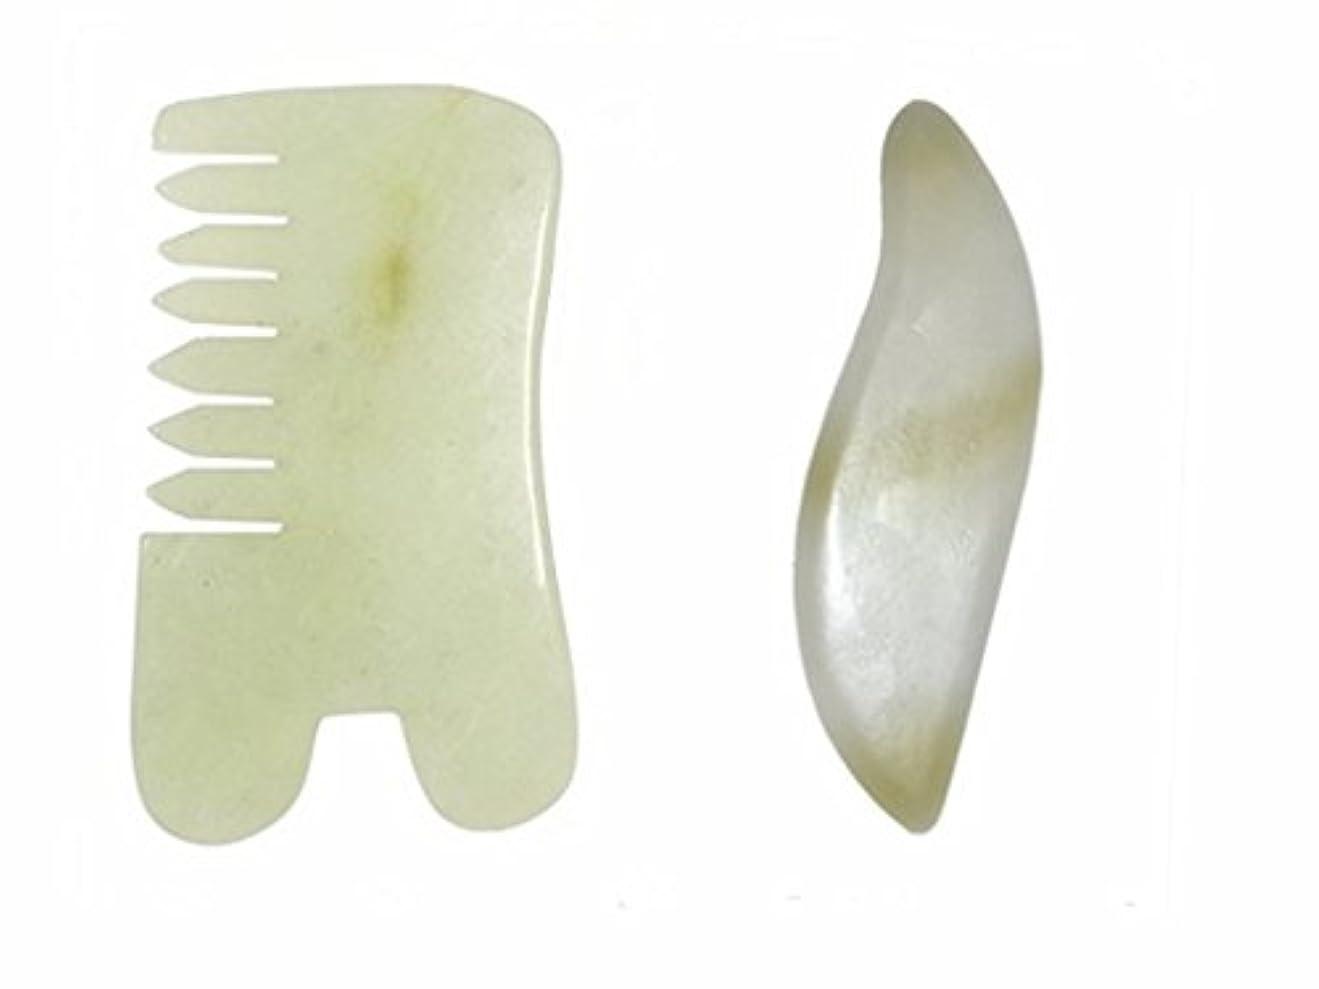 触覚気取らないレベルEcho & Kern 二点セットかっさ板、翡翠(ジェイド)美顔 天然石かっさプレート、 櫛、マッサージプレート(2PCS) Natural Jade Gemstone Healing Stone Scraper Board...